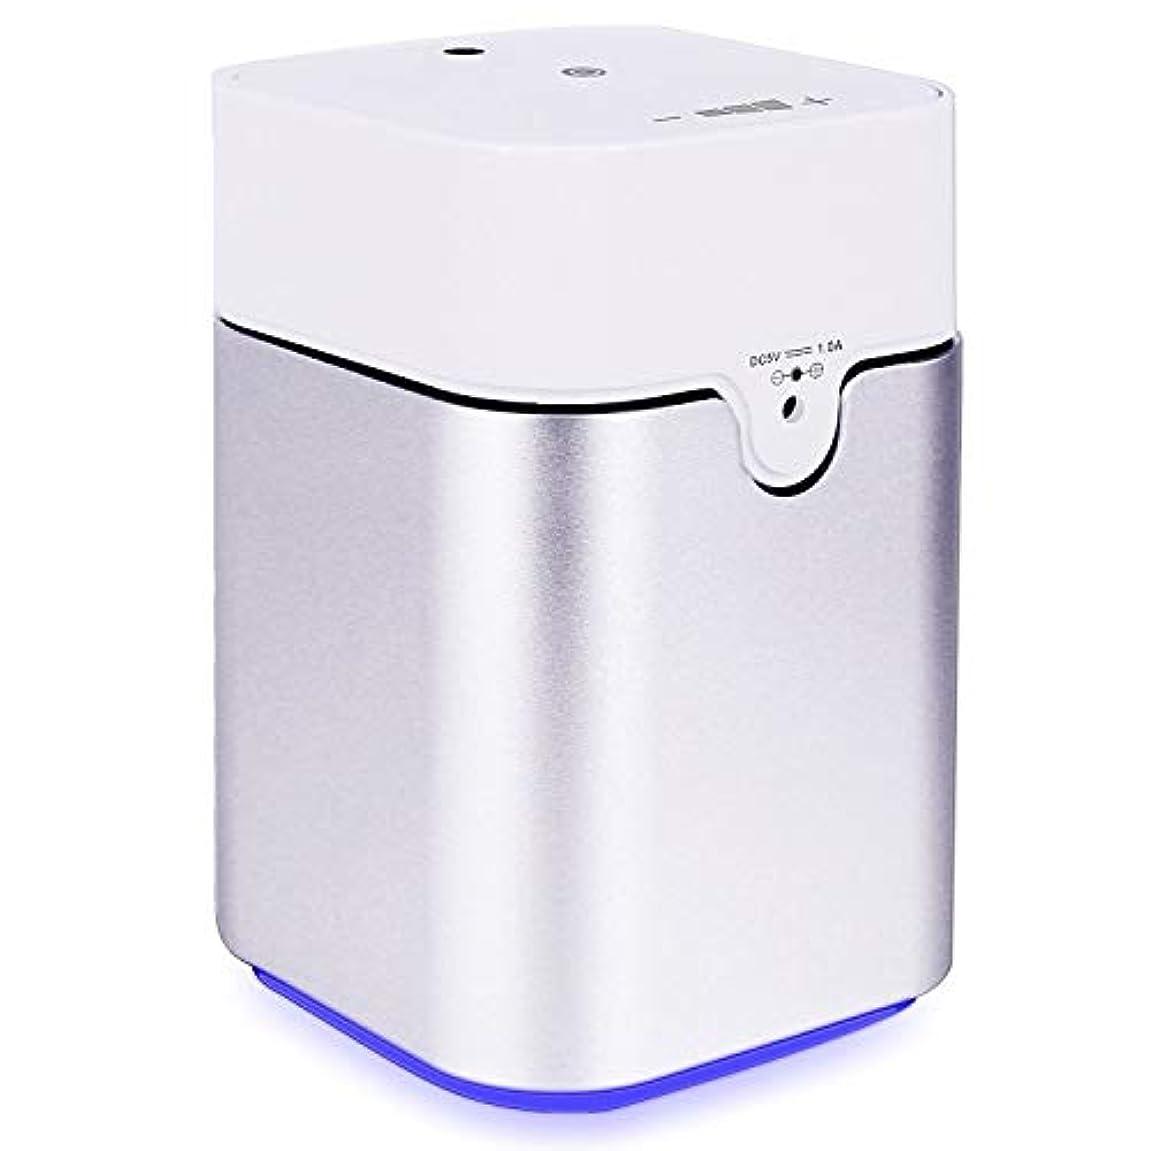 参照するドアミラー選挙ENERG e's Pure アロマディフューザー ヨガ室 整体院人気 タイマー機能 ネブライザー式 量調整可能 精油瓶3個付き T11-ENS082